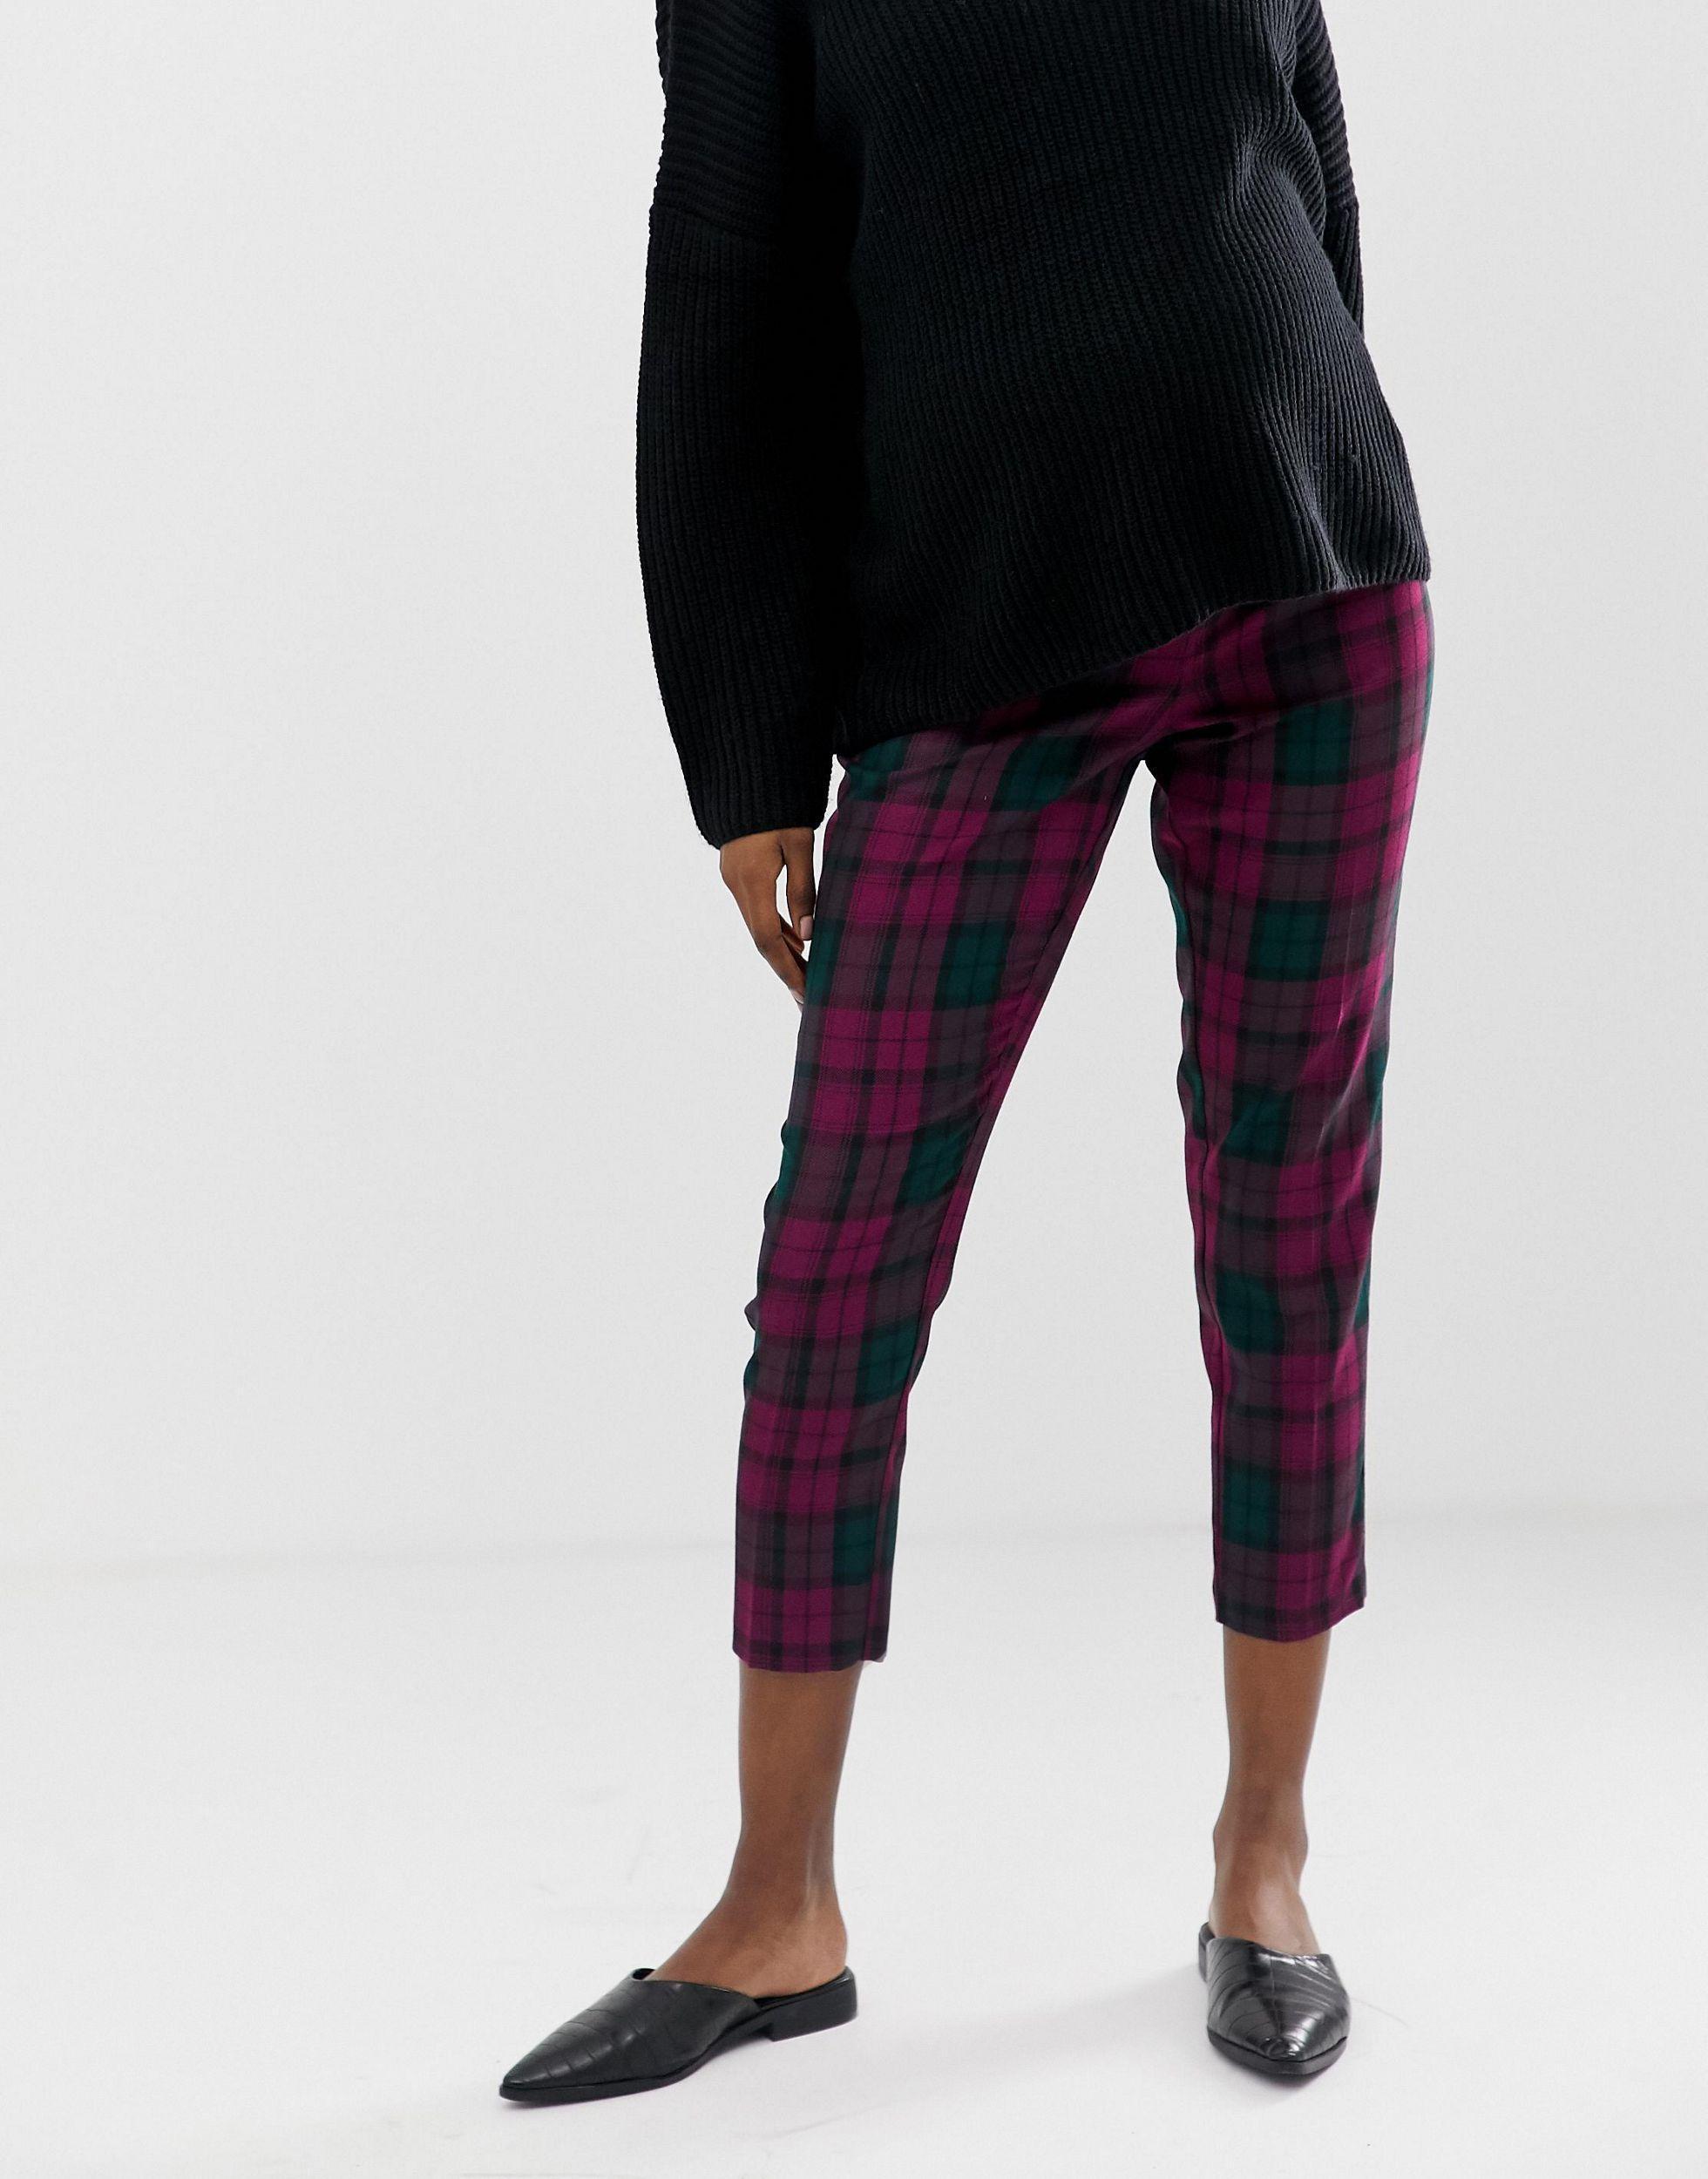 ASOS DESIGN Maternity - Ultimate - Pantalon taille haute longueur cheville - Carreaux violets Jean ASOS en coloris Noir